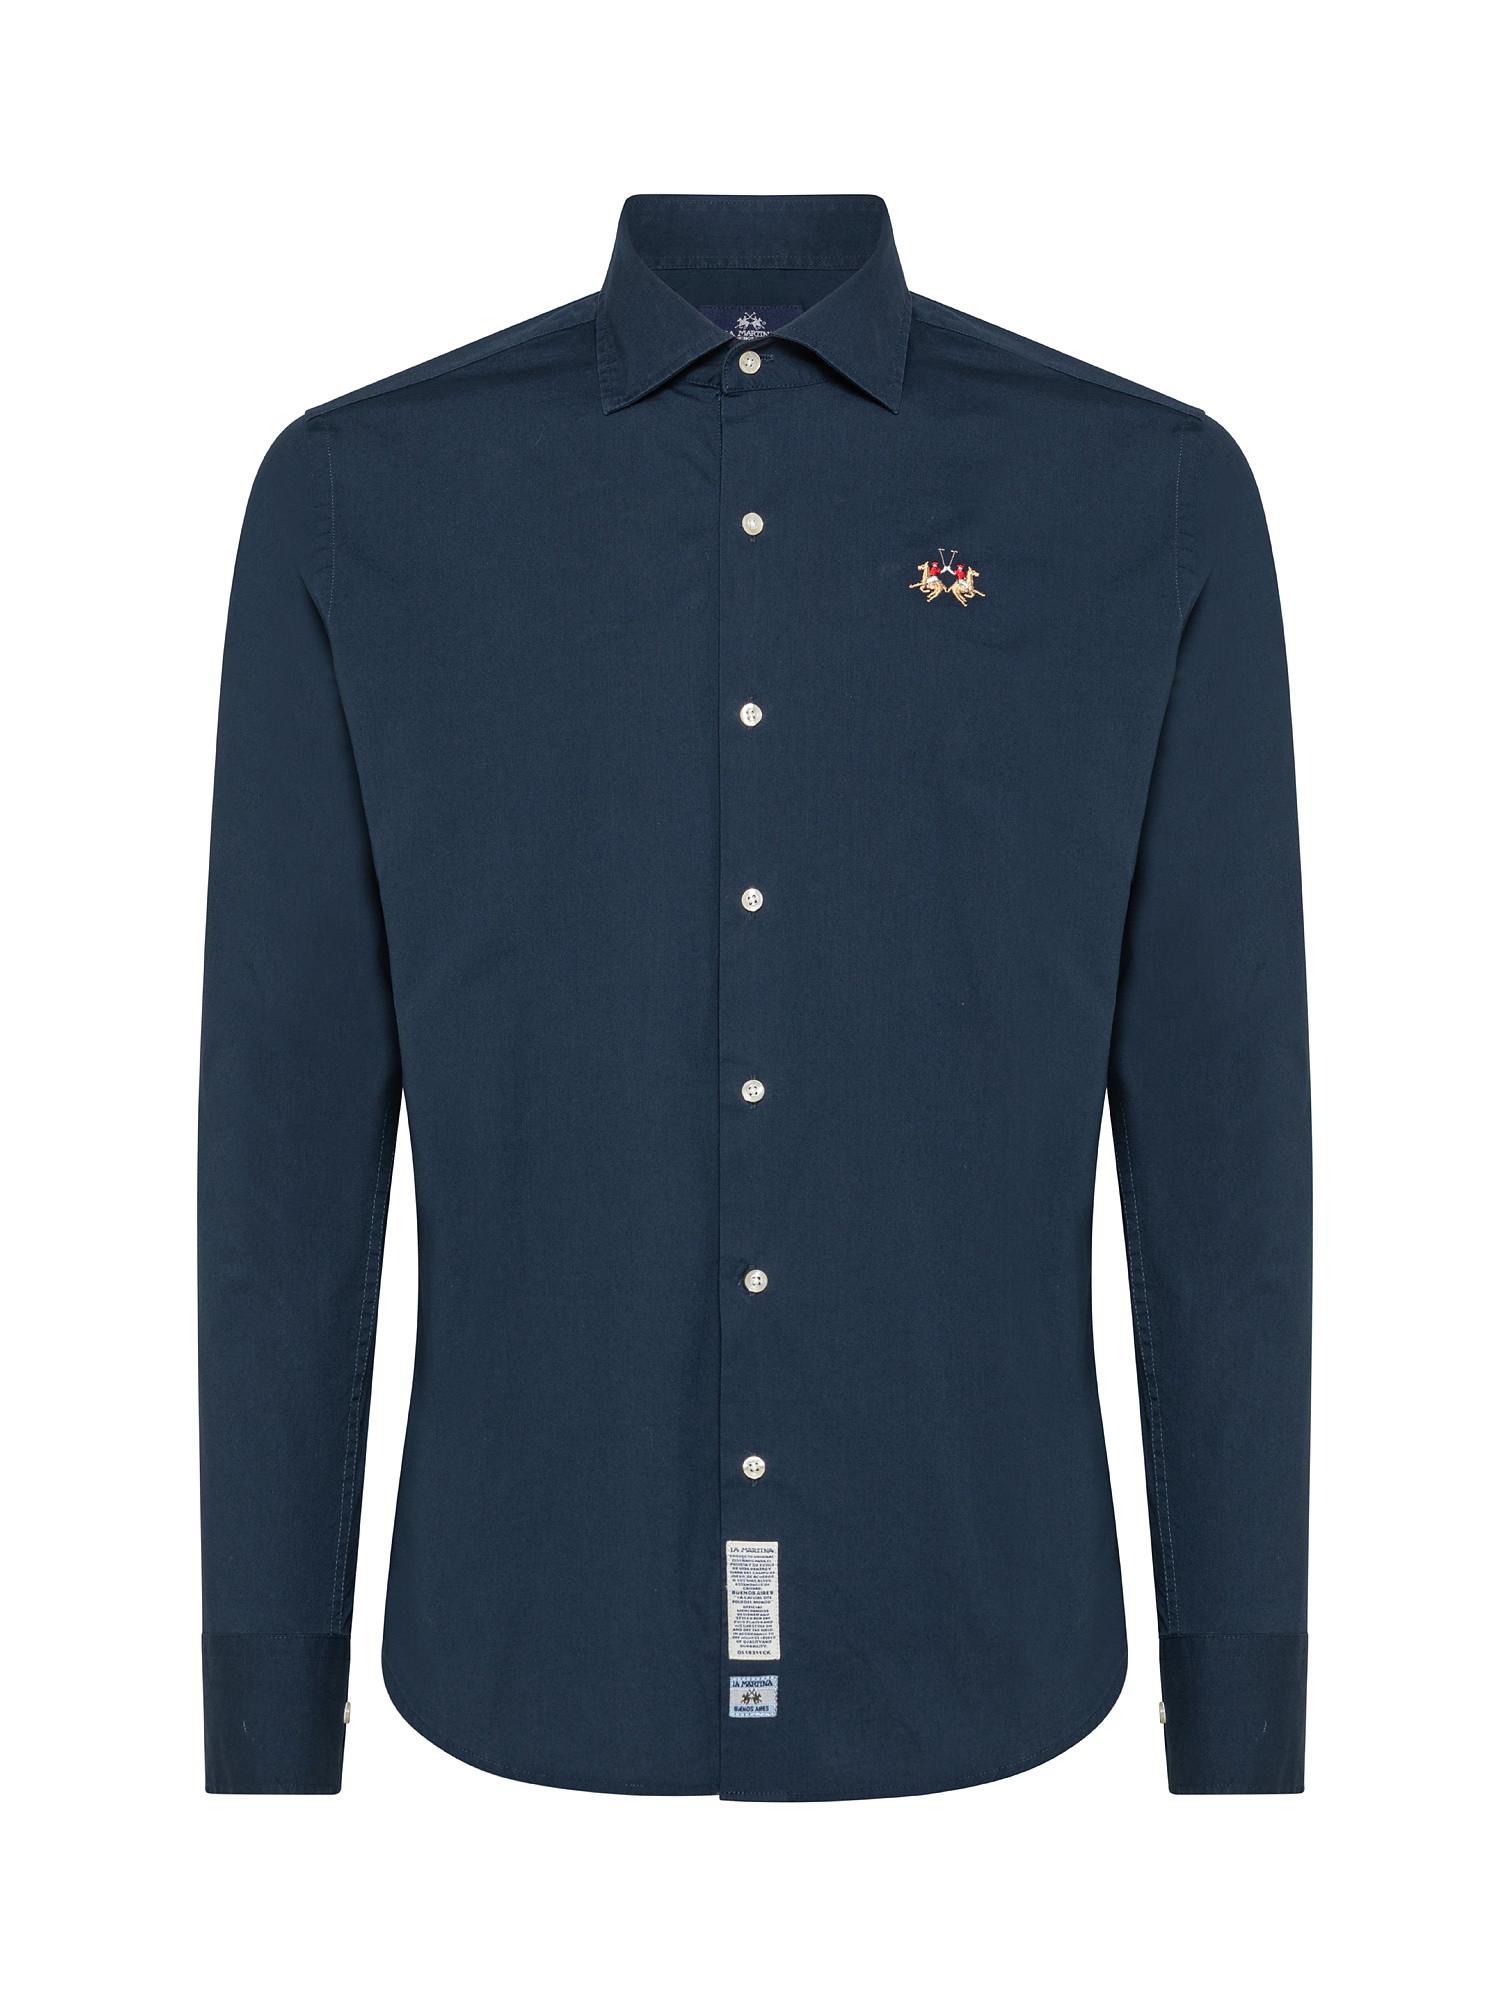 Camicia uomo a maniche lunghe in cotone elasticizzato, Blu, large image number 0